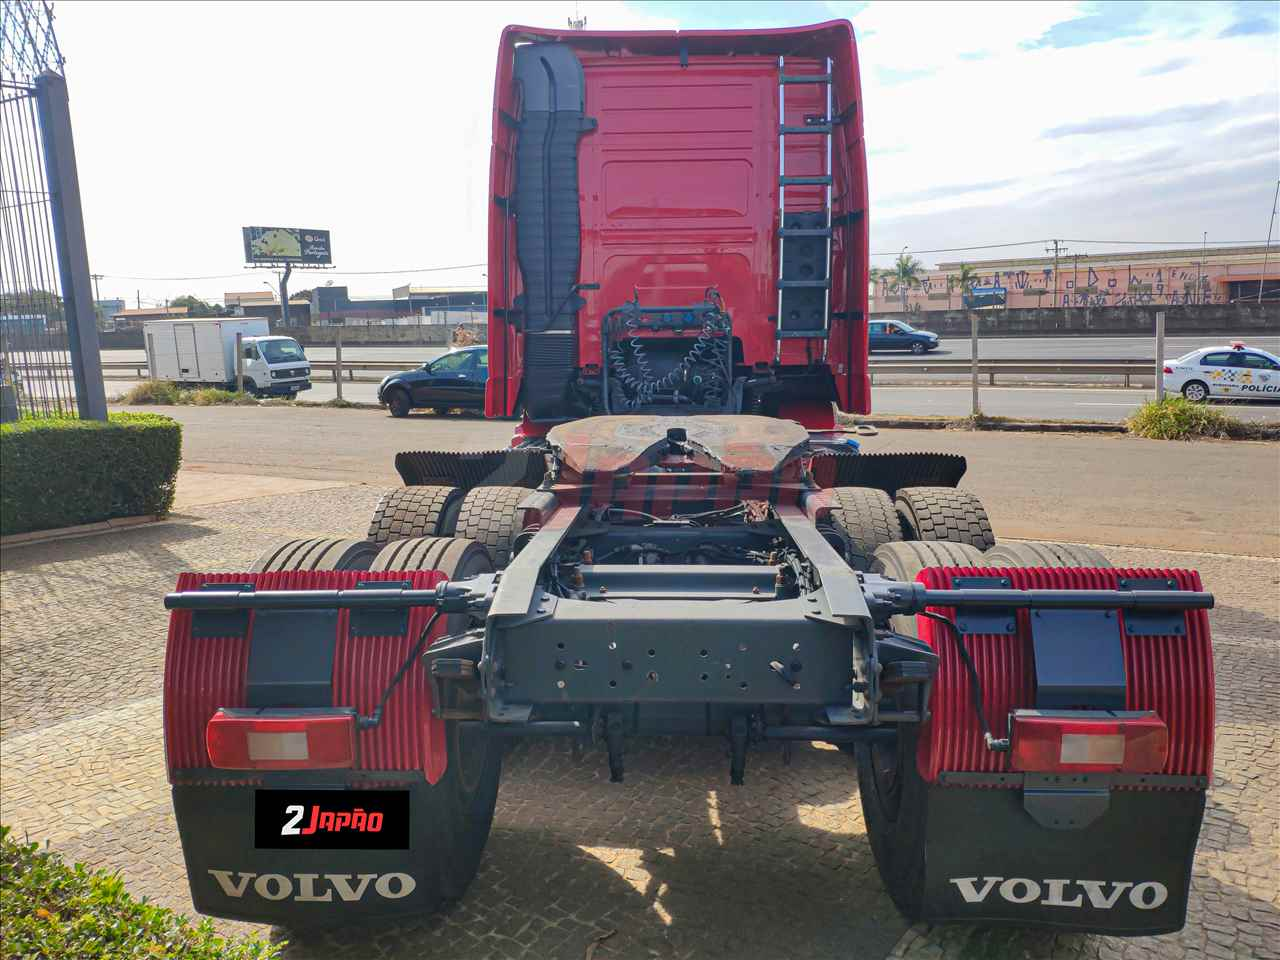 VOLVO VOLVO FH 460 704000km 2013/2014 2 Japão Caminhões e Carretas